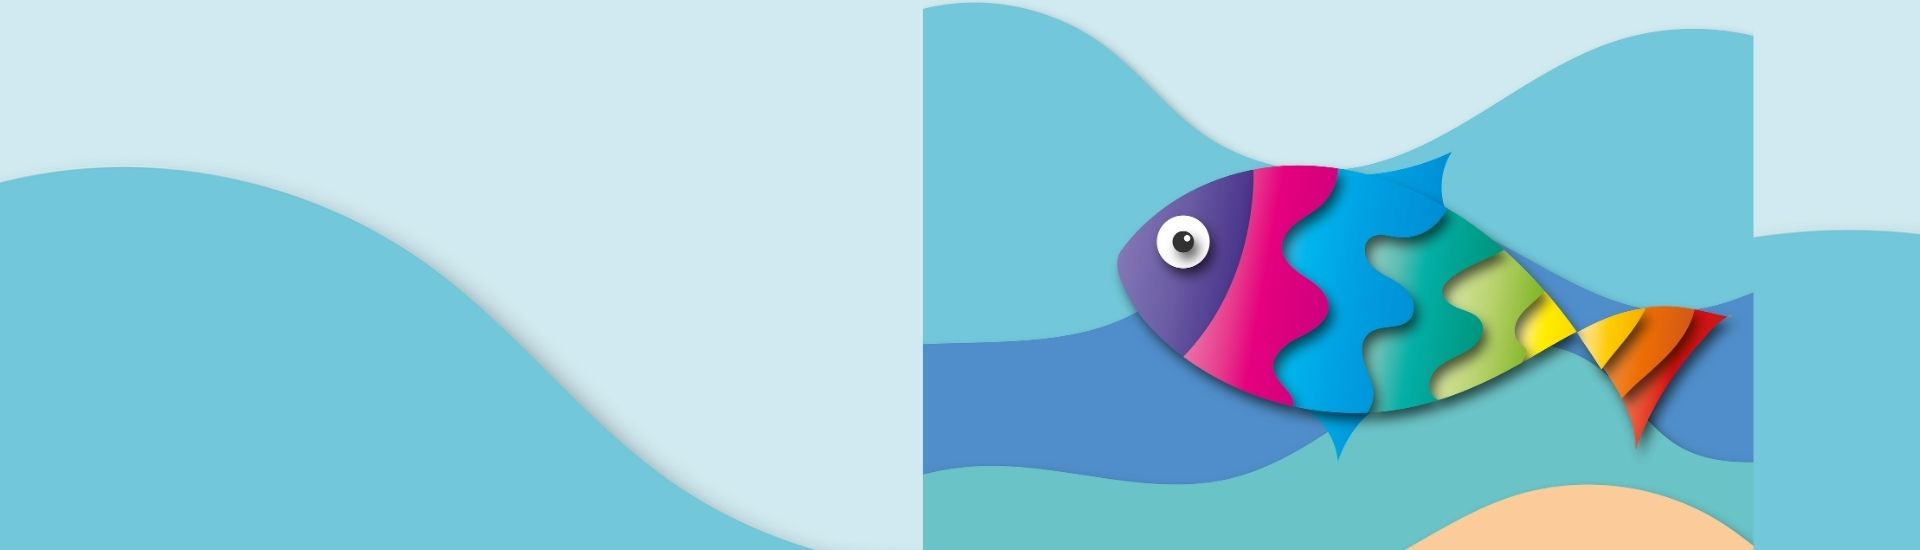 Imagen de un pez de muchos colores en el agua. Crédito: Pixabay.